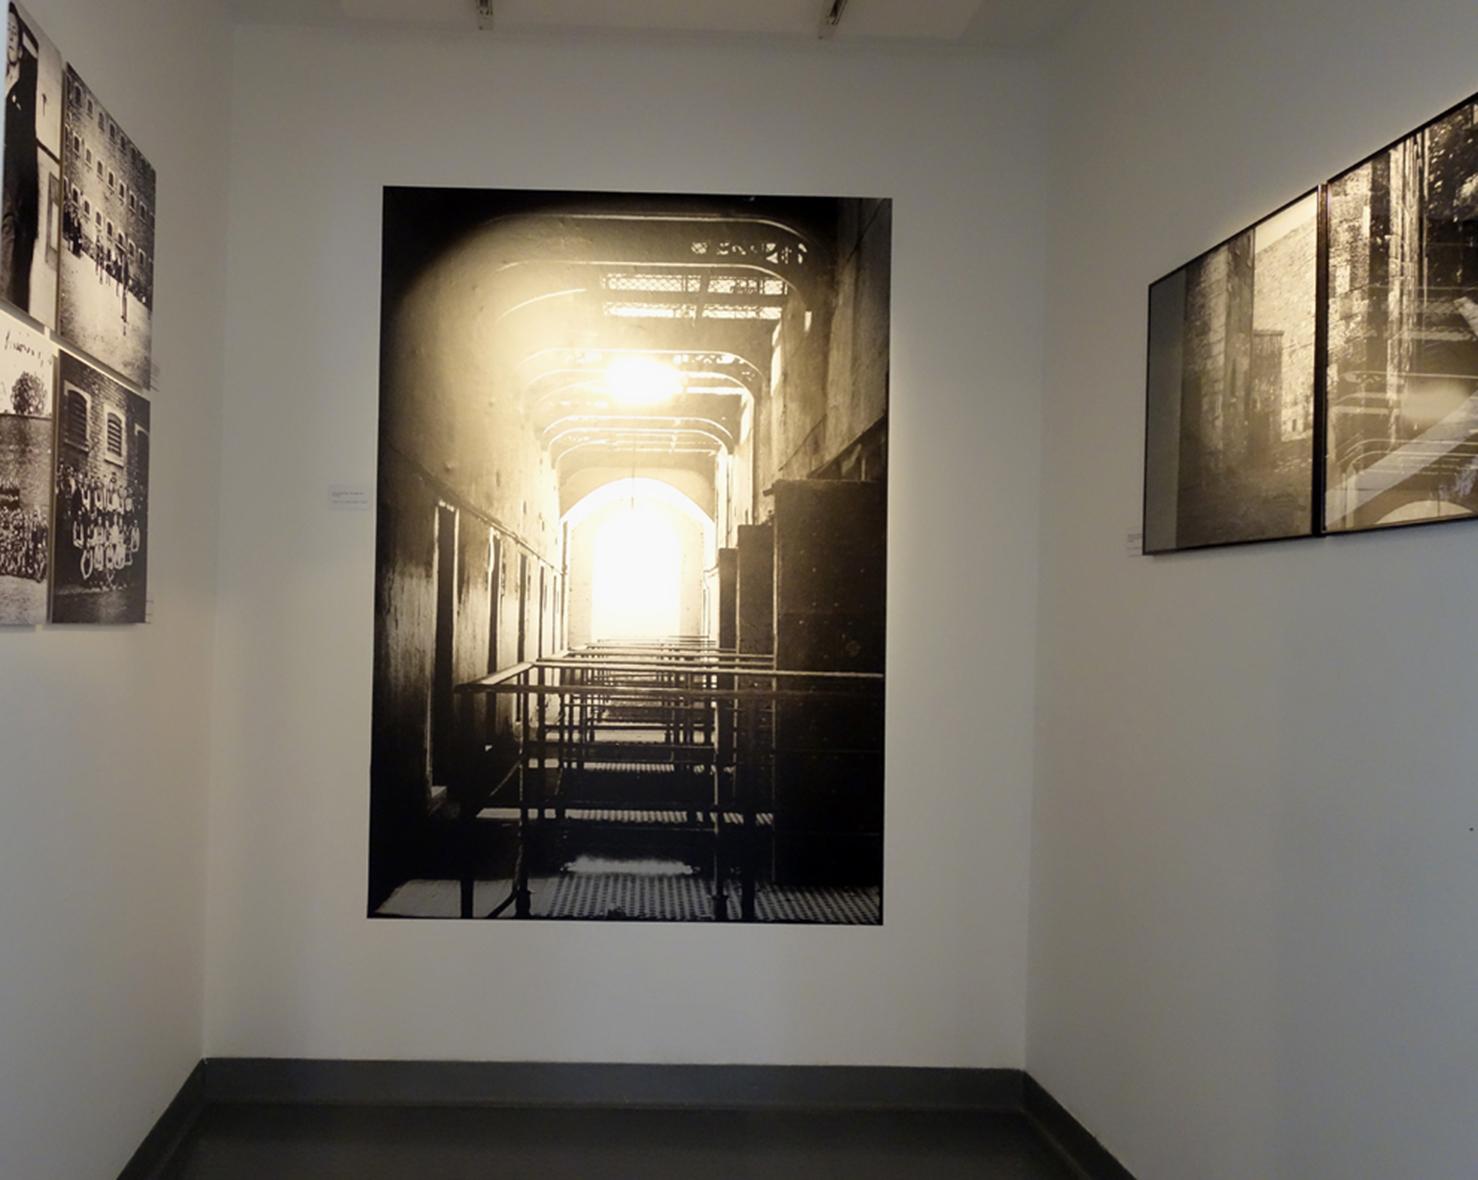 6. 1916_Kilmainham Installation6